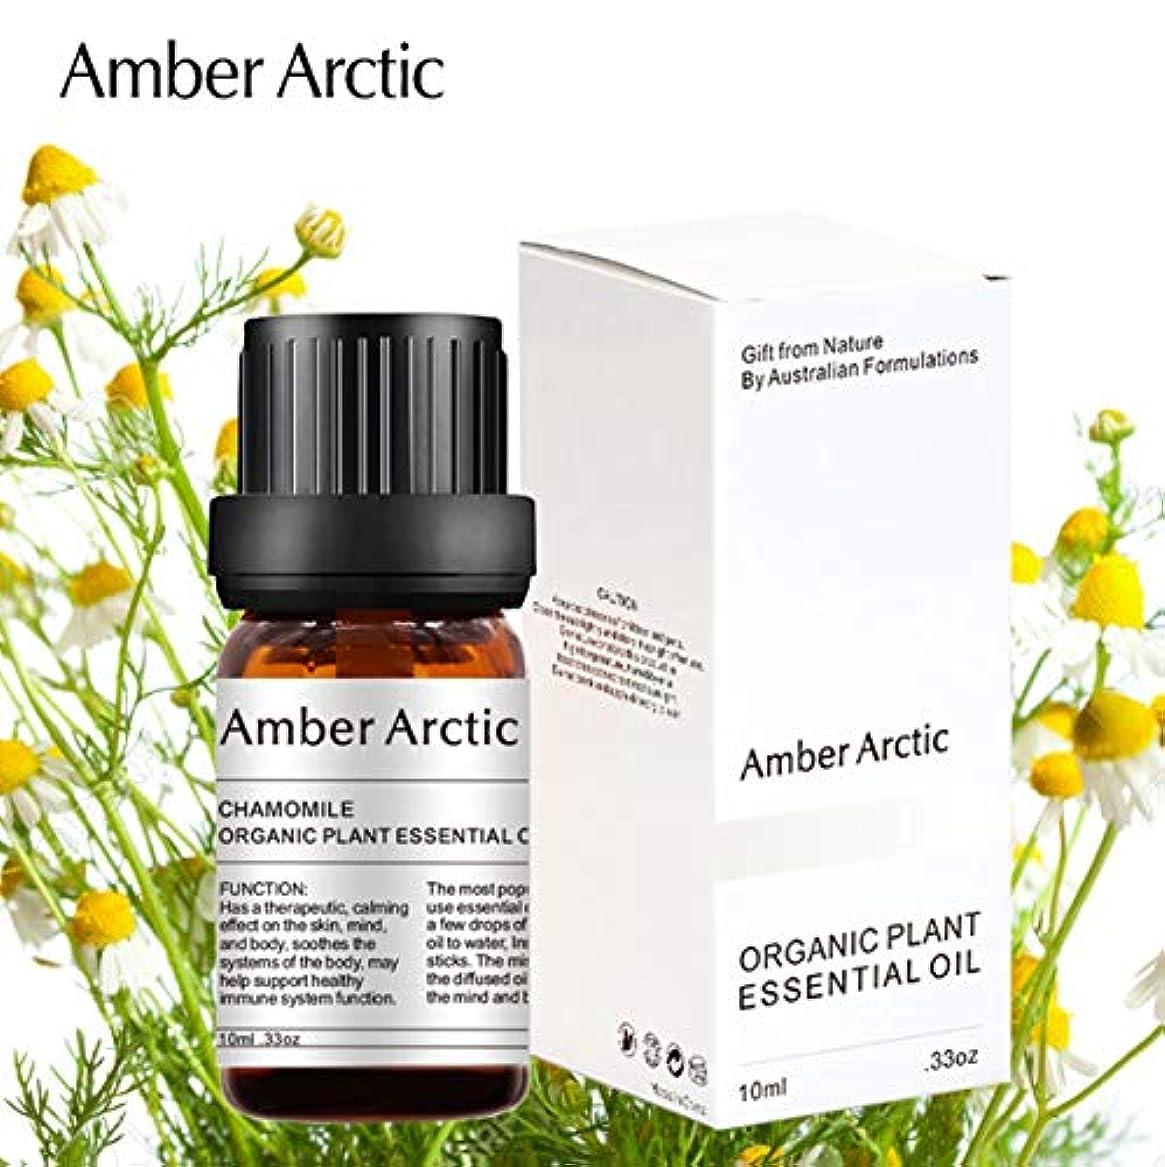 失礼な弾薬叫び声Amber Arctic カモミール エッセンシャル オイル、100% ピュア 天然 アロマテラピー カモミール オイル スプレッド 用 (10ML) カモミール